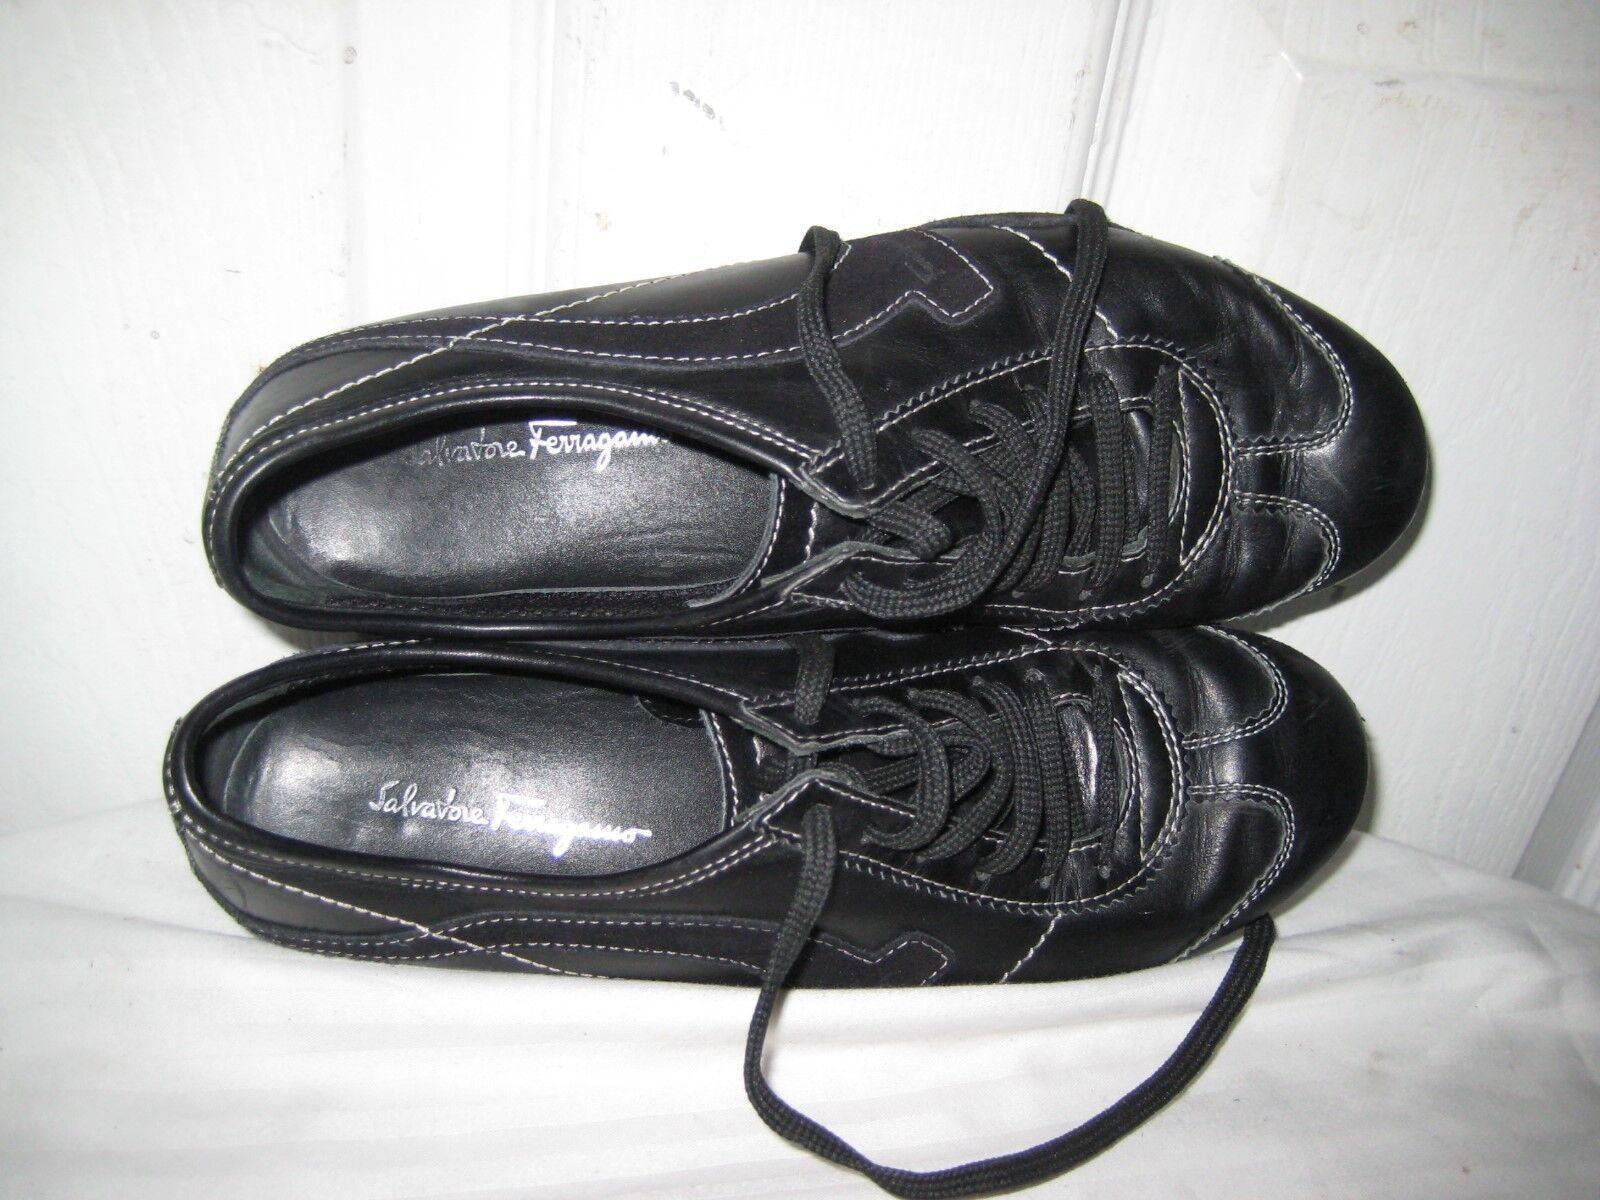 Salvatore Ferragamo Ferragamo Ferragamo Black Leather Lace Up Sneakers shoes Women s Size 5.5 B. 32a416